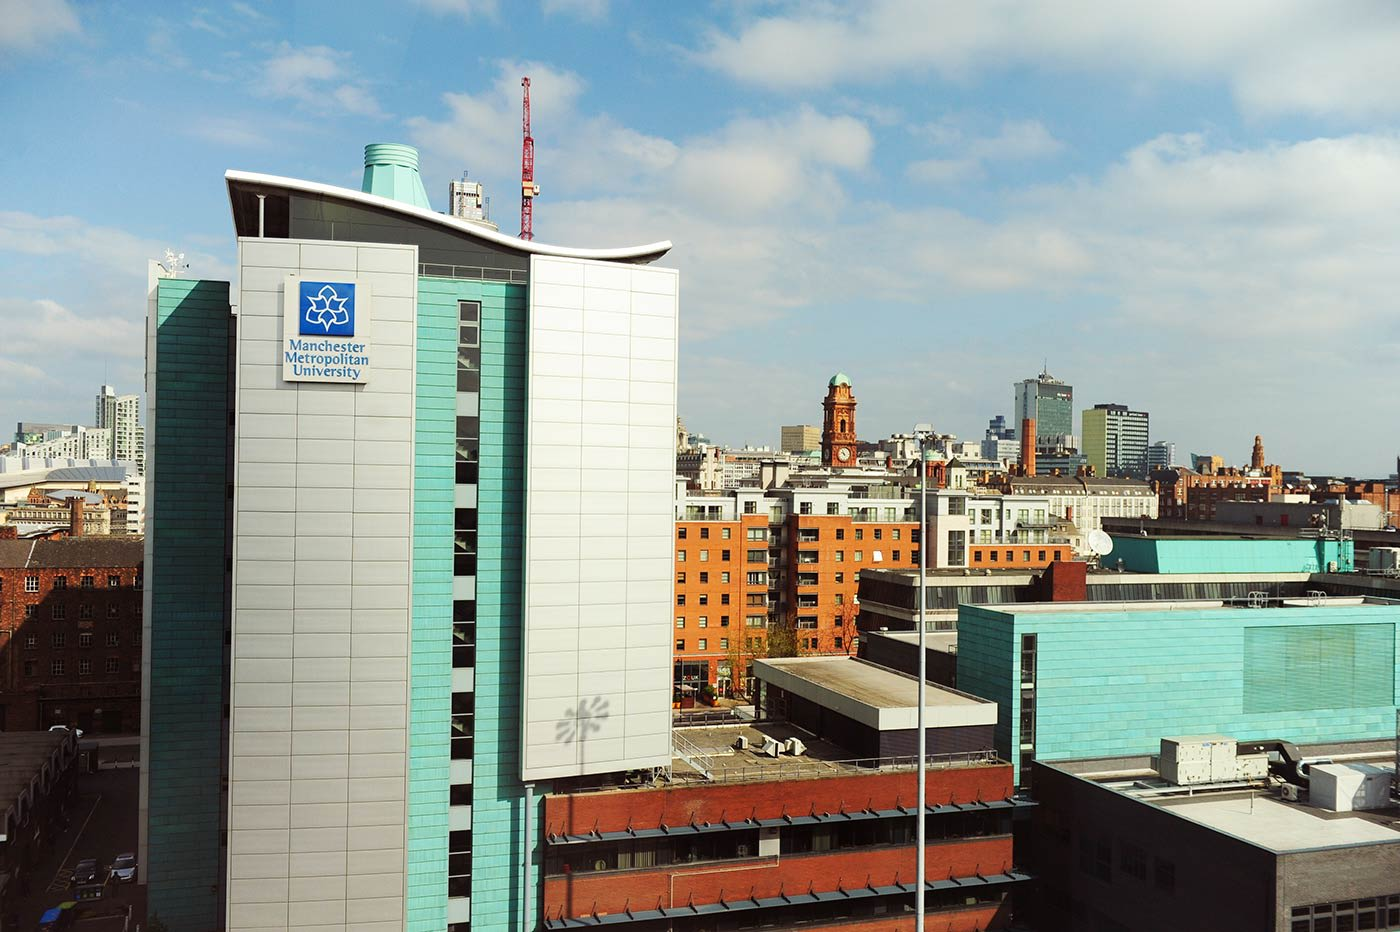 تقع جامعة ميتروبوليتان بمانشستر على بُعد مسافة قريبة سيرًا من مركز الدراسات INTO بمانشستر